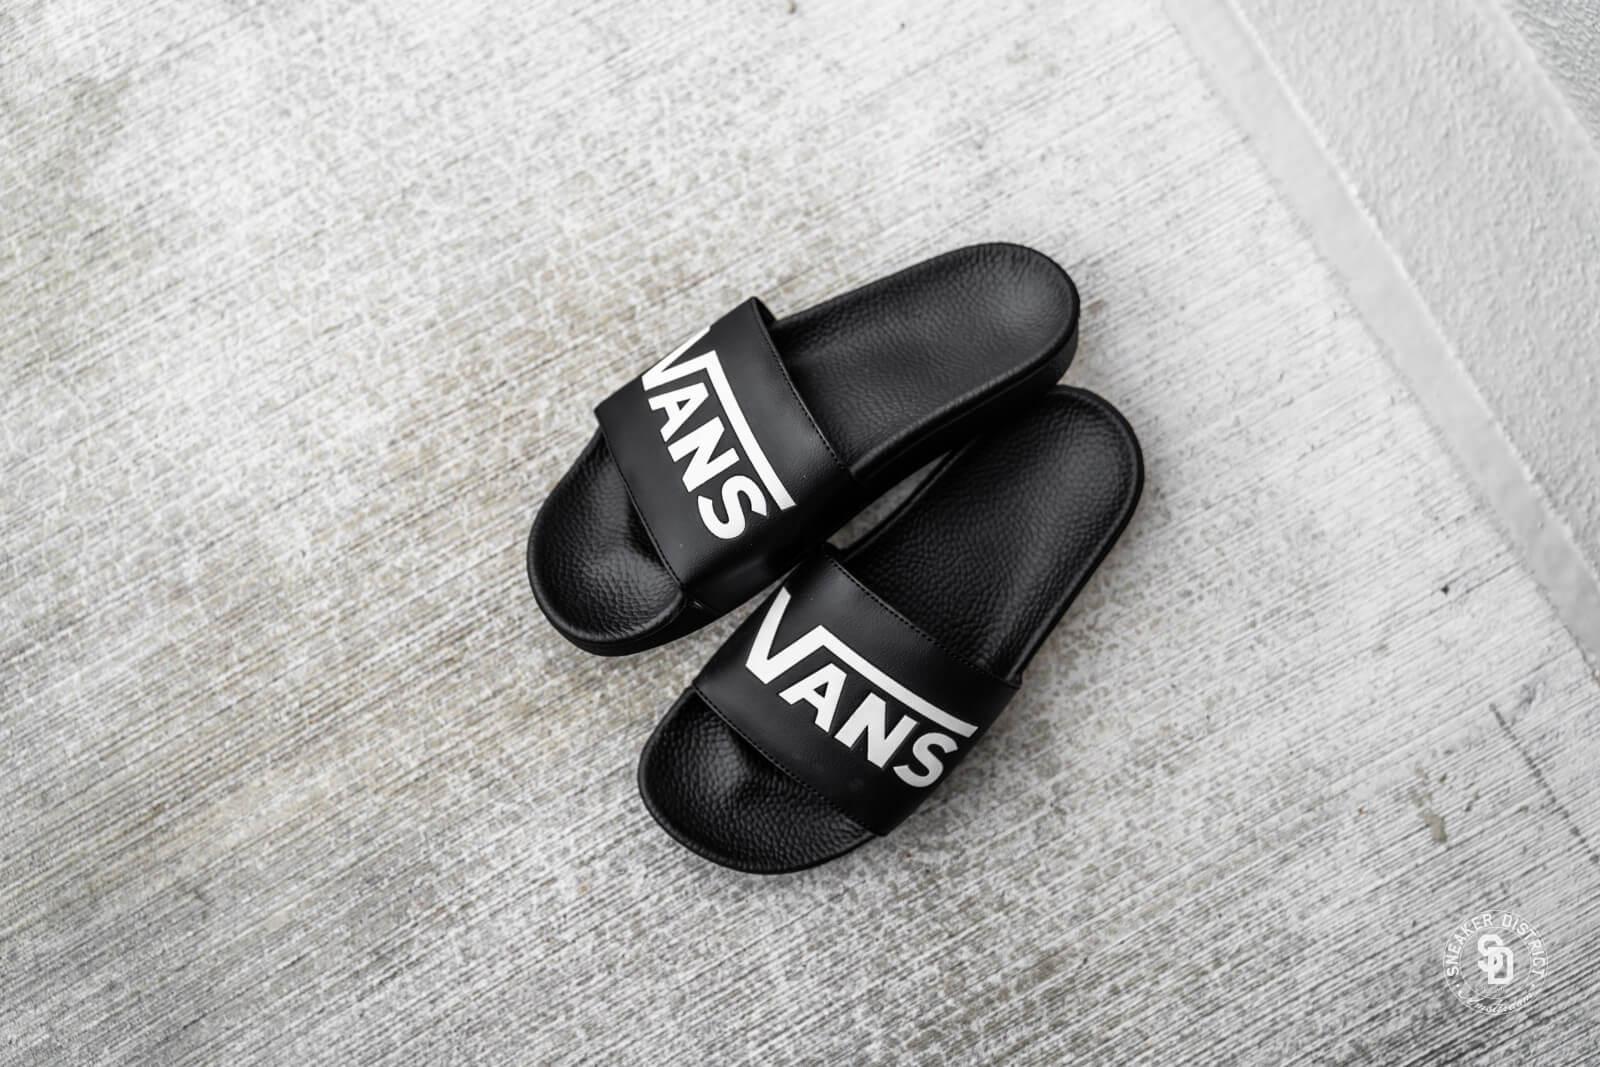 vans slide